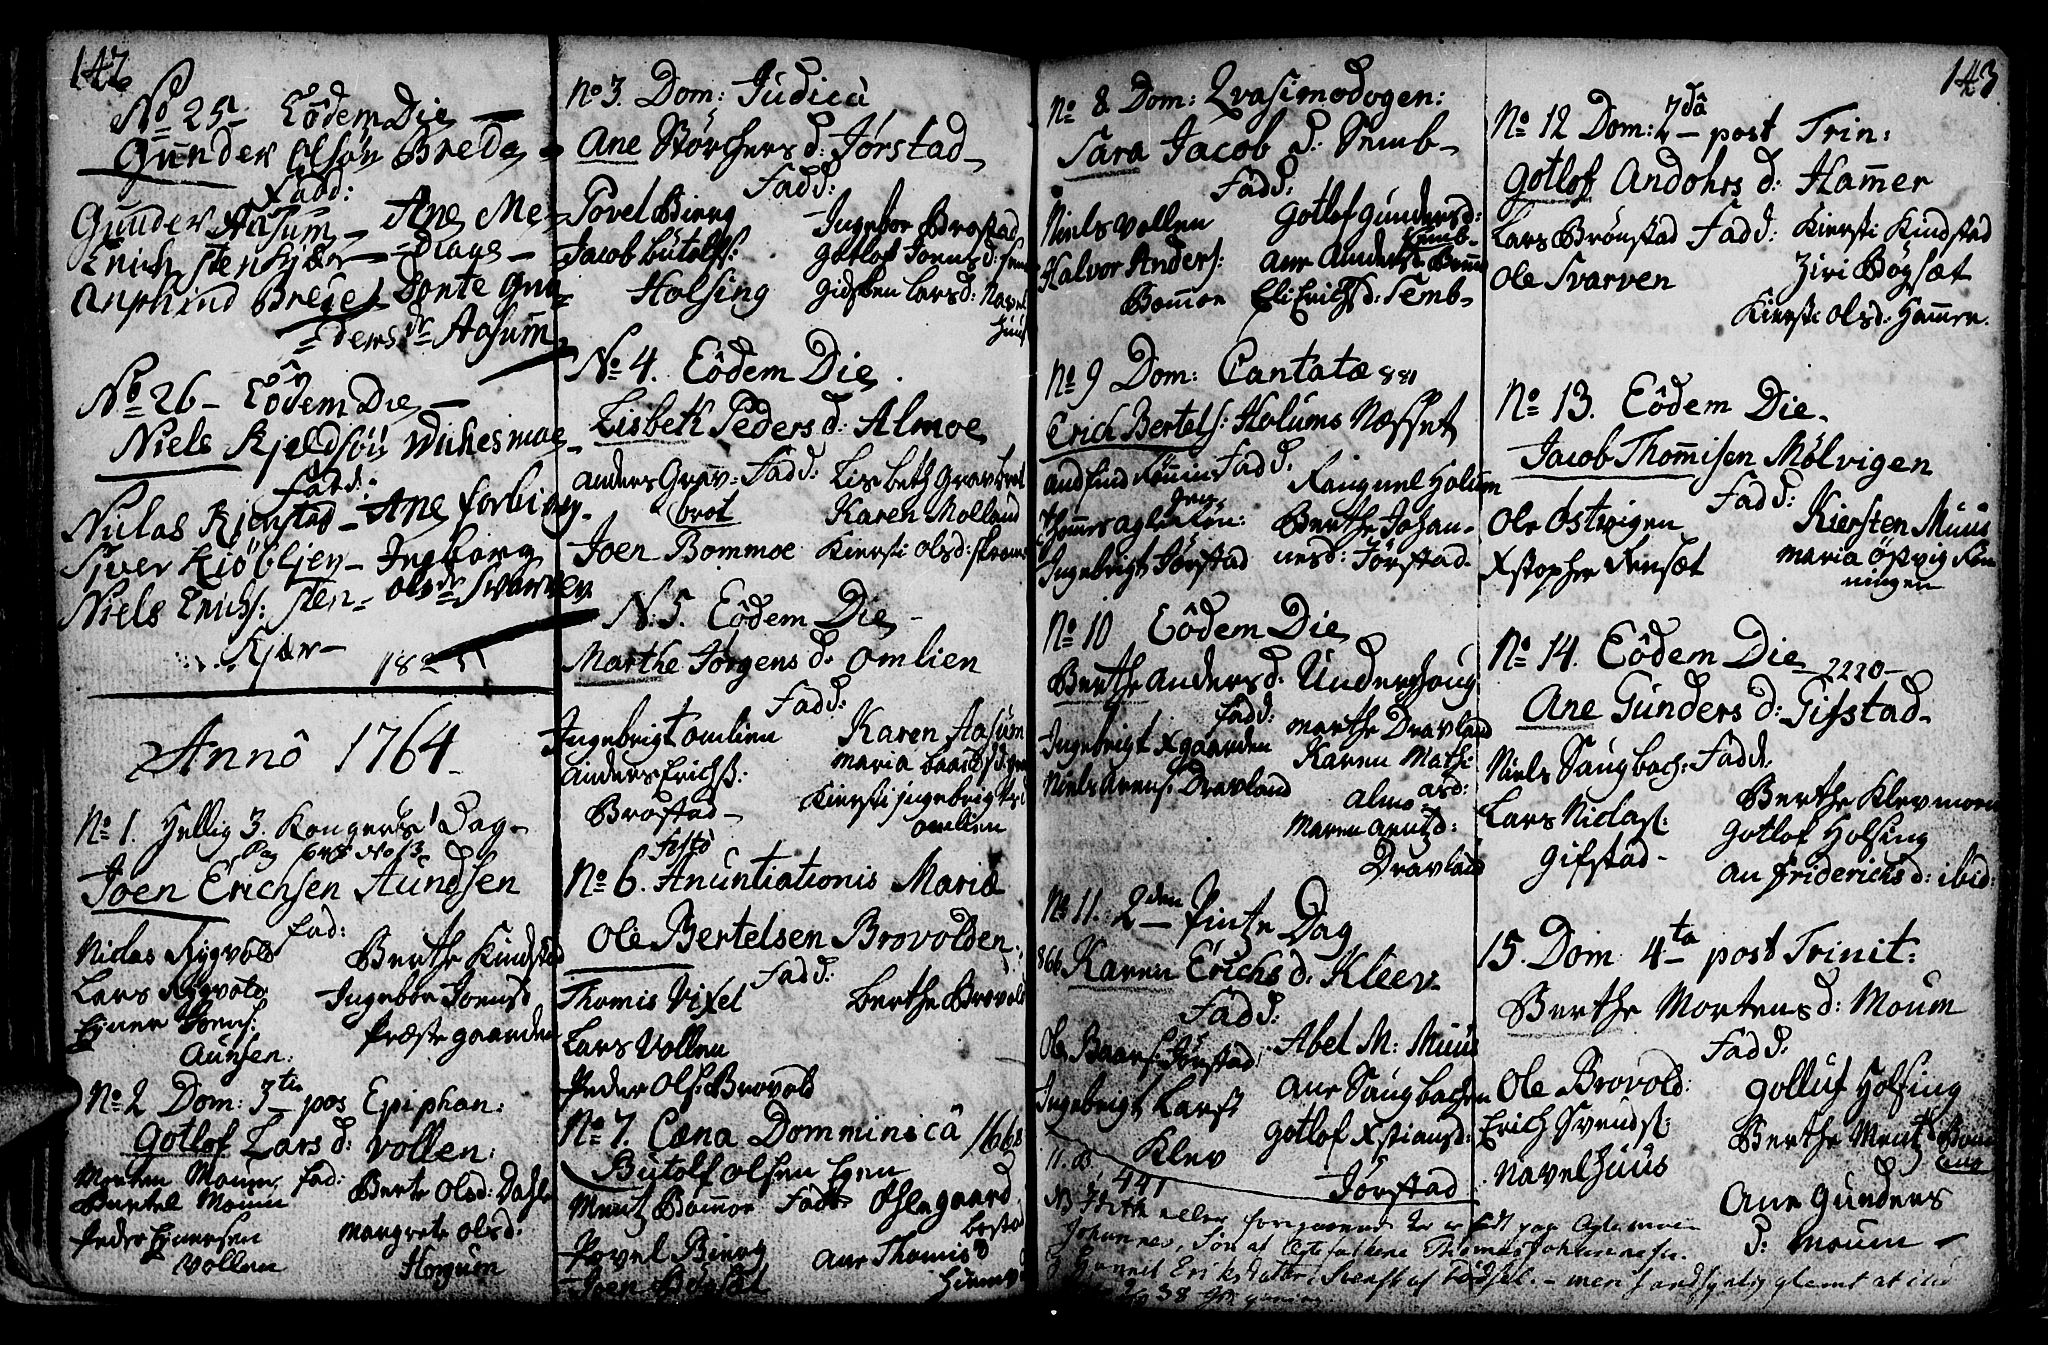 SAT, Ministerialprotokoller, klokkerbøker og fødselsregistre - Nord-Trøndelag, 749/L0467: Ministerialbok nr. 749A01, 1733-1787, s. 142-143